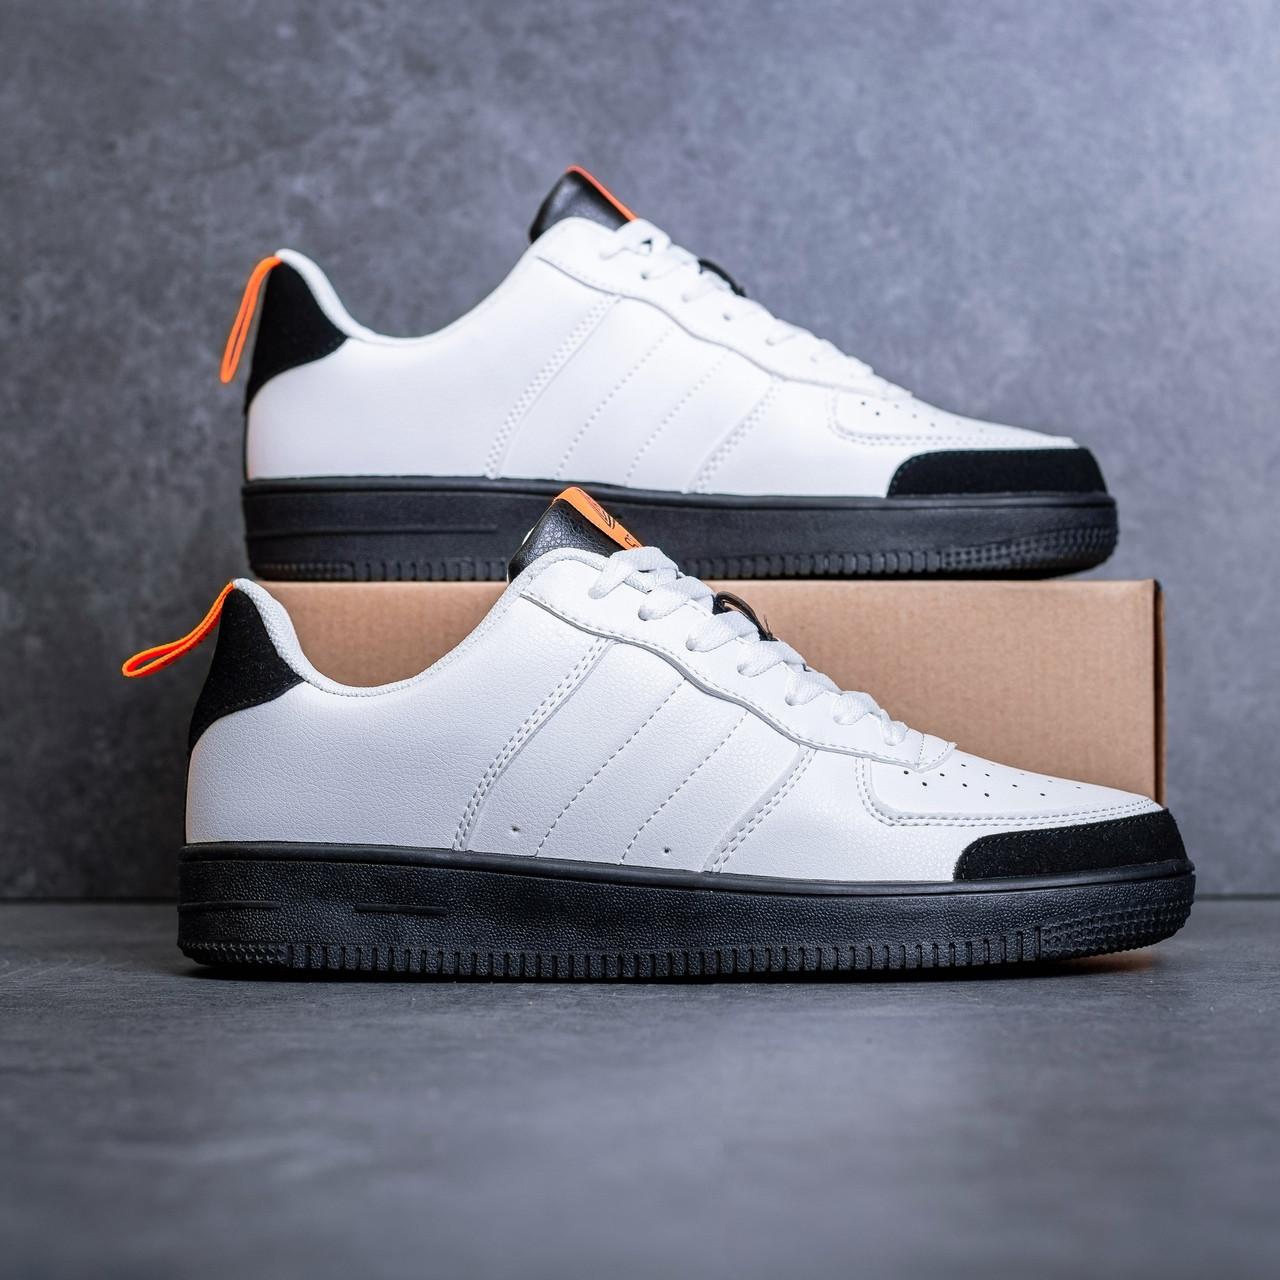 Мужские кроссовки Стилли форс Тресс (белые с оранжевой вставкой) - 43.45 рр